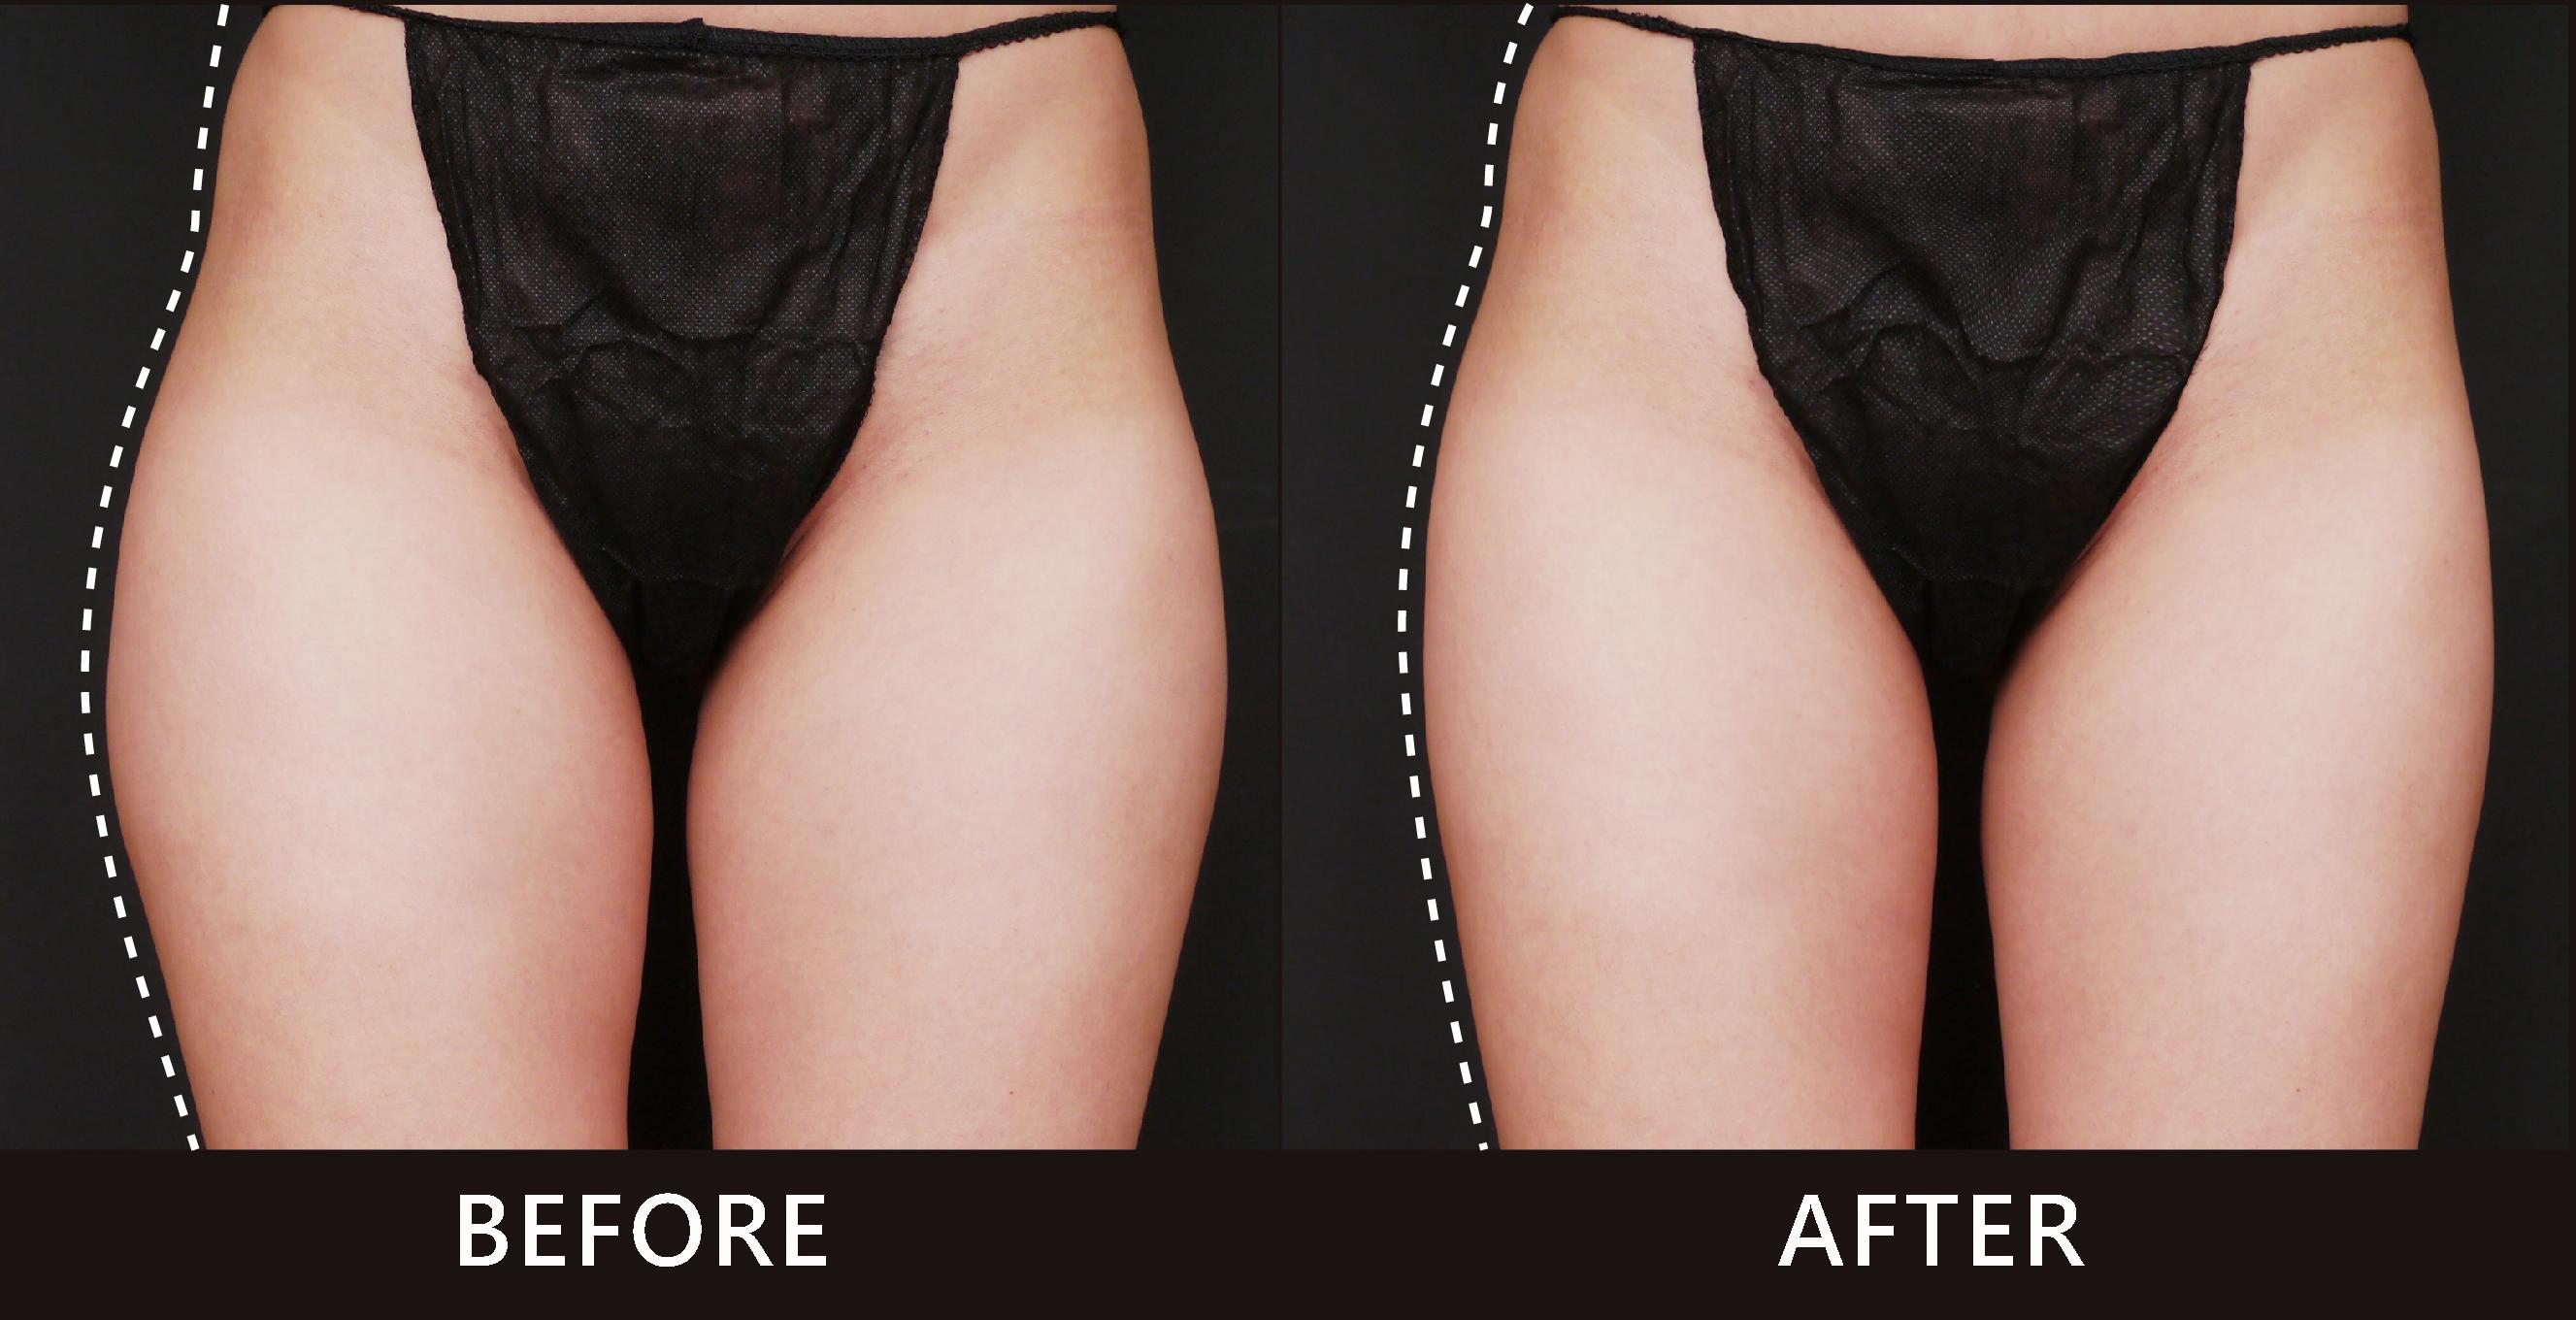 大腿馬鞍外側脂肪突出遠大於髖骨,讓側面大腿線條怪異彎曲。在選擇CoolSculpting冷卻減脂雕塑了大腿外側曲線,變得直順。(效果因個案而異)